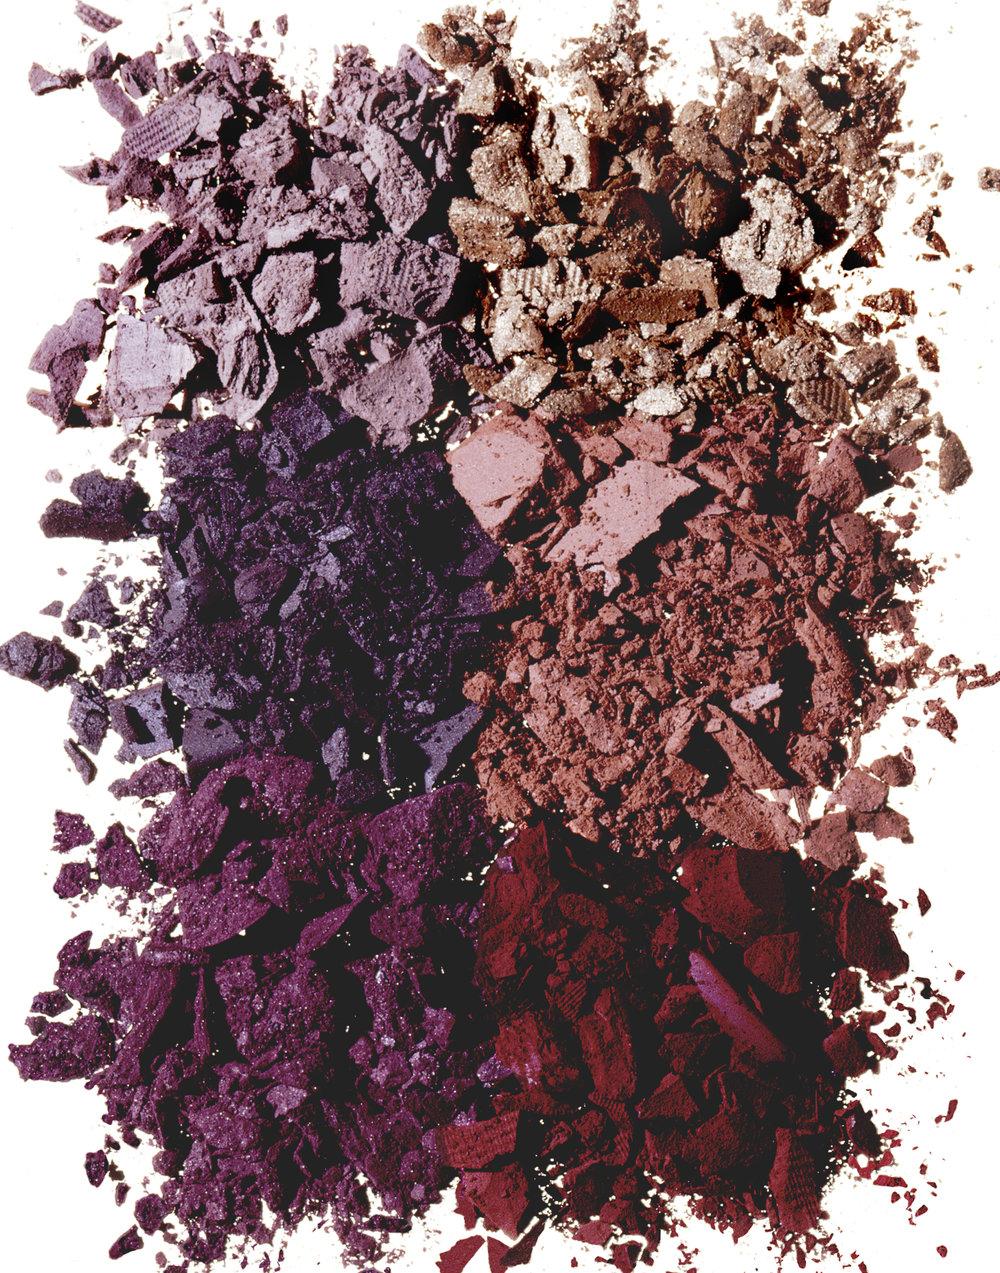 NewWoman_dateunknown=Powder=SprinkledPowders#2-V2.jpg